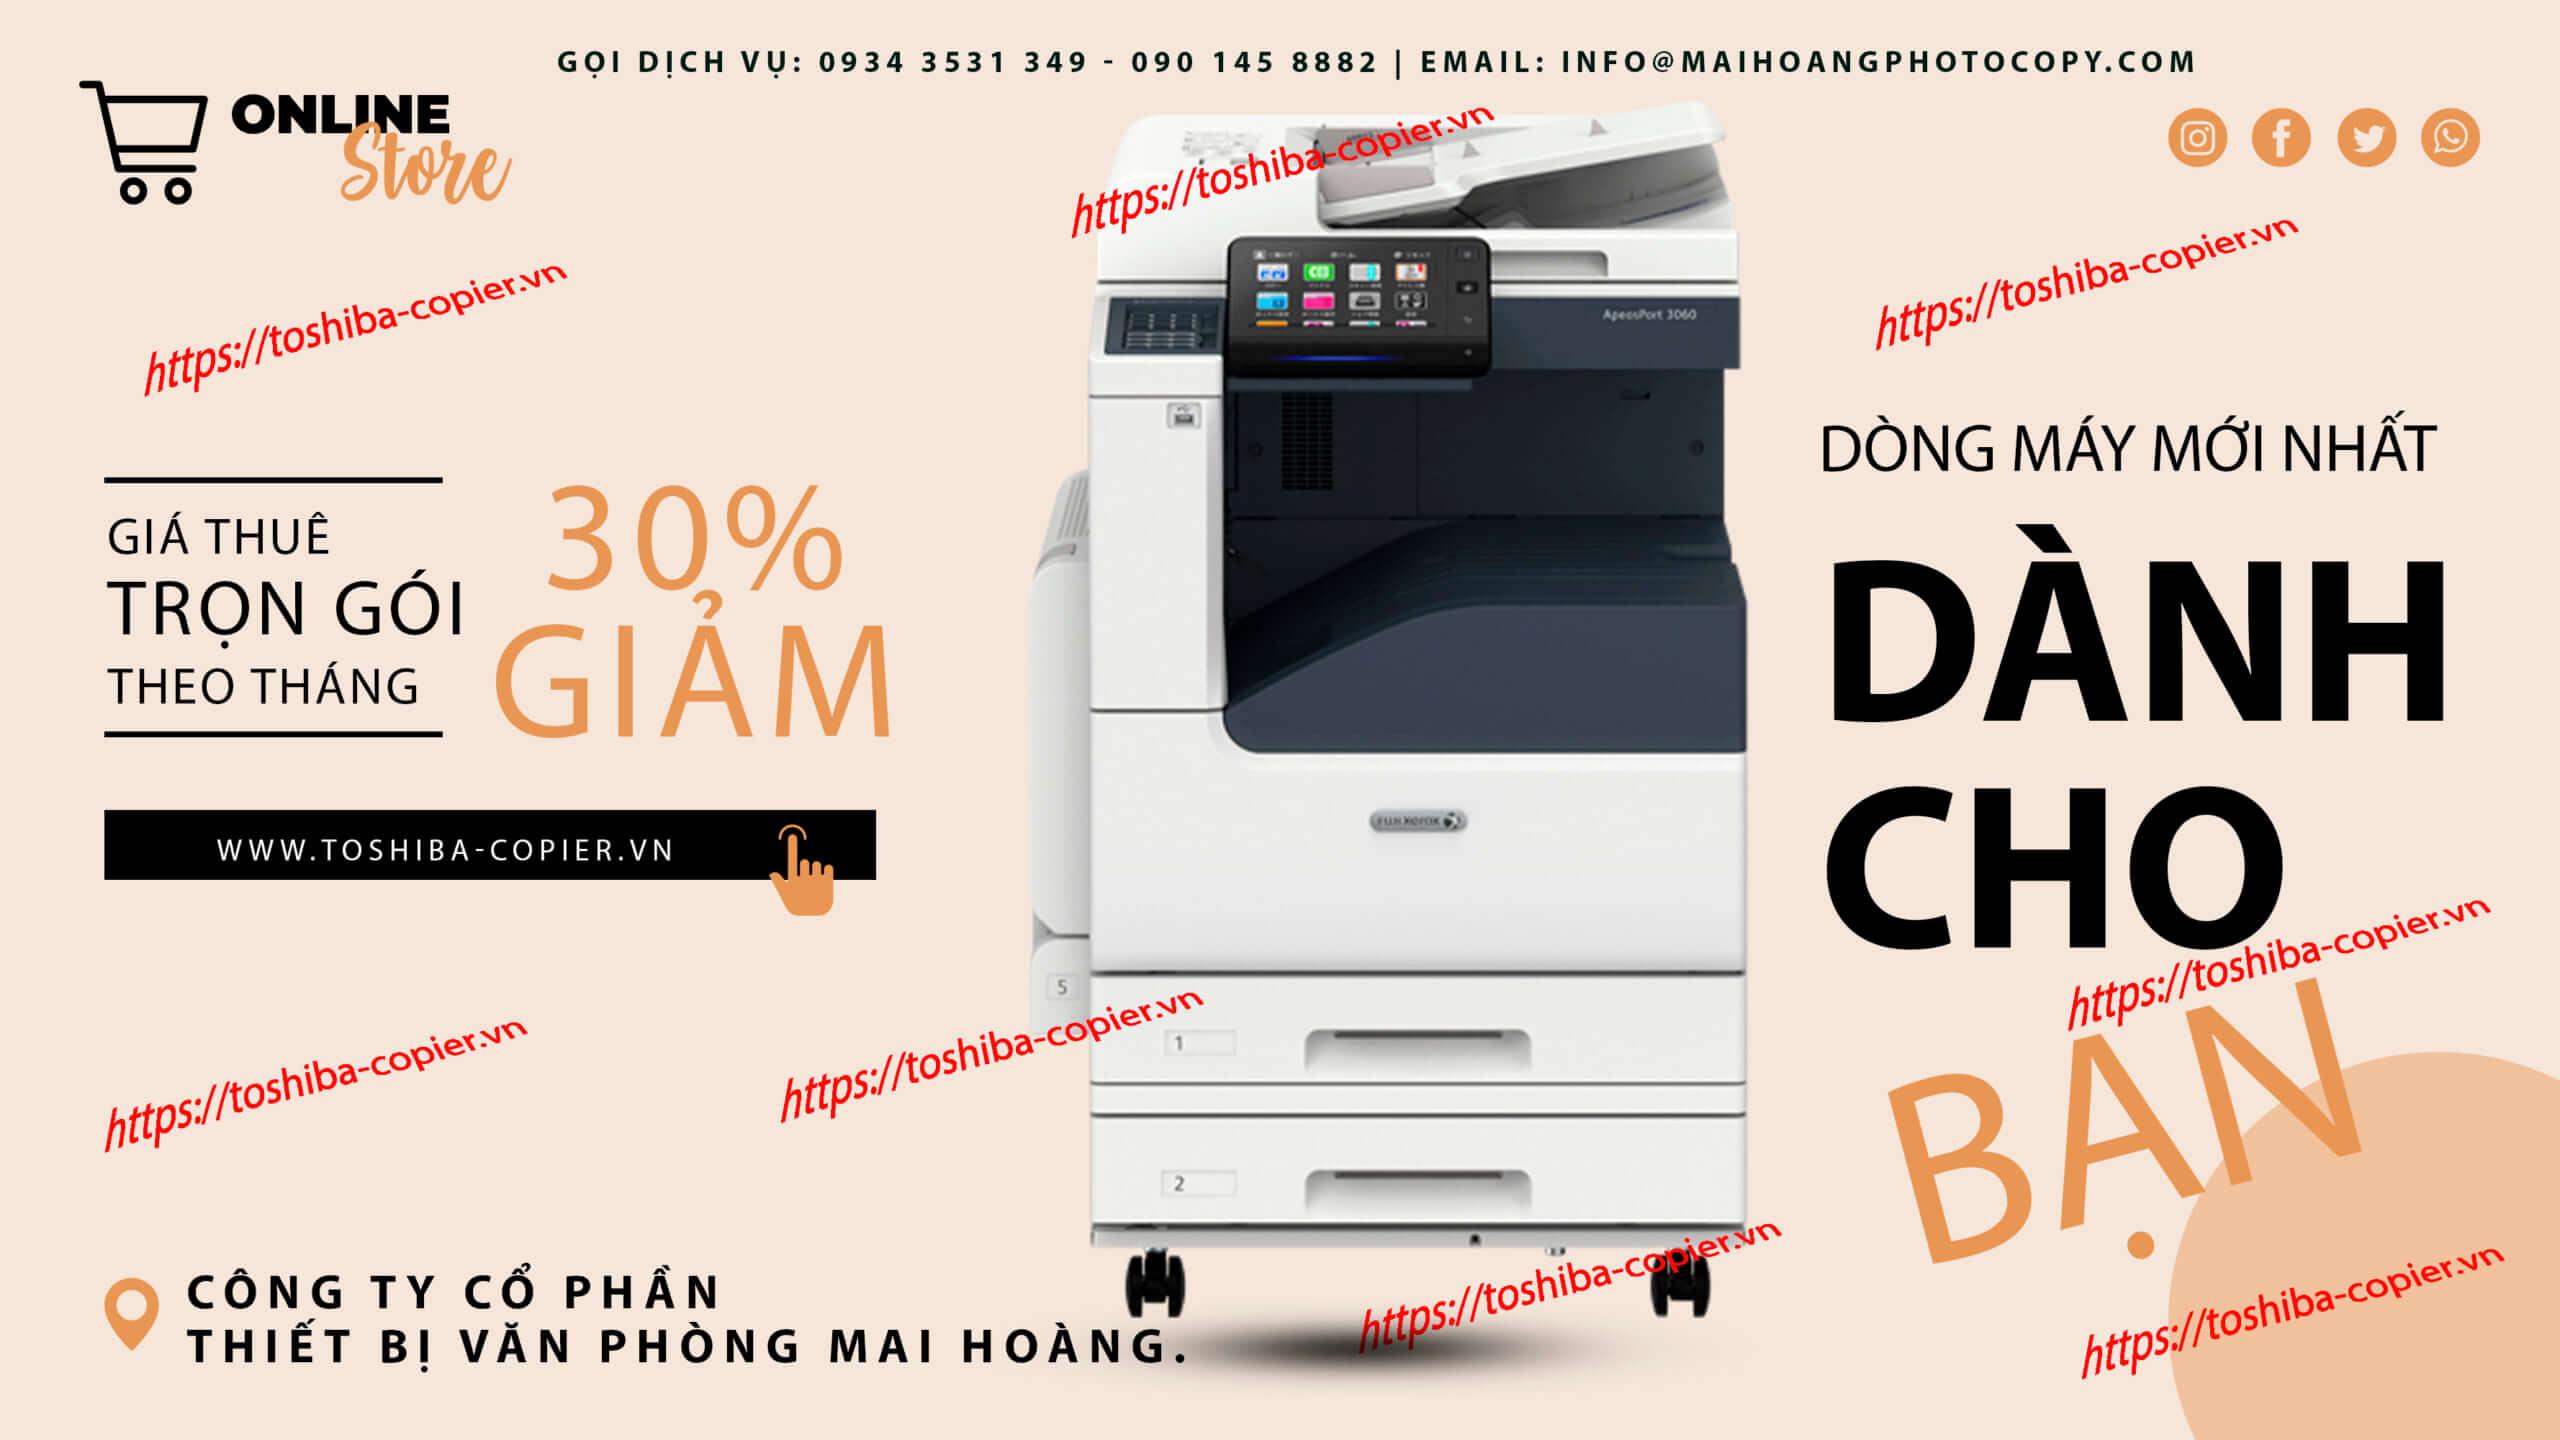 cho thuê máy photocopy fuji xerox Máy in đa chức năng thông thường có thể đã có sẵn khả năng in, sao chụp, quét và fax. ... Là ứng dụng miễn phí dùng để in và quét trên các thiết bị AndroidTM.